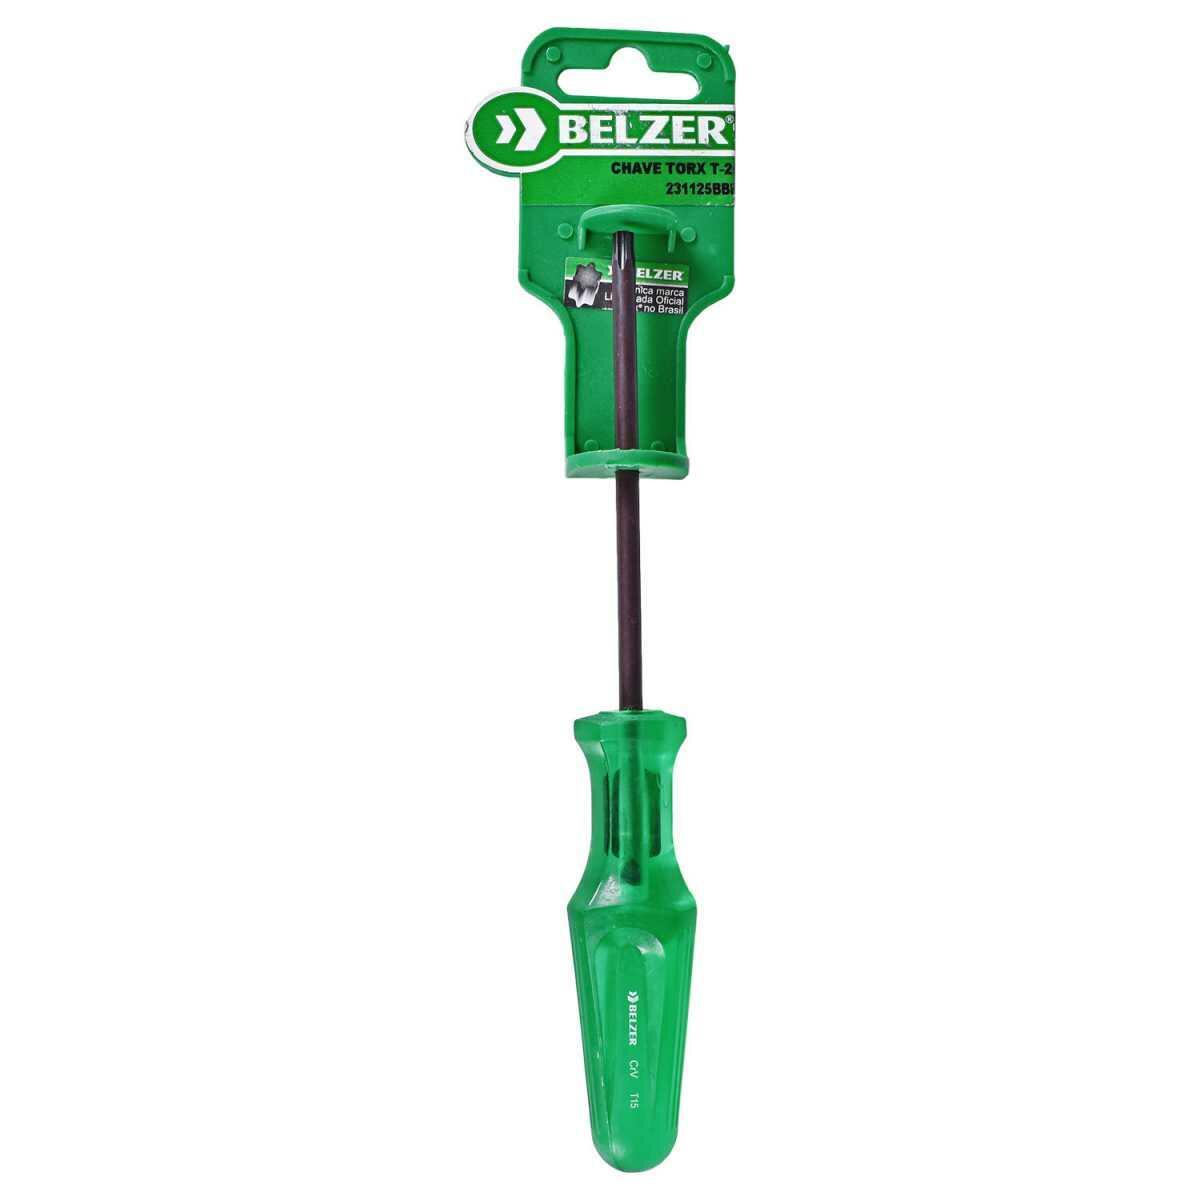 Chave de Fenda Torx T25 231125Bbr Belzer